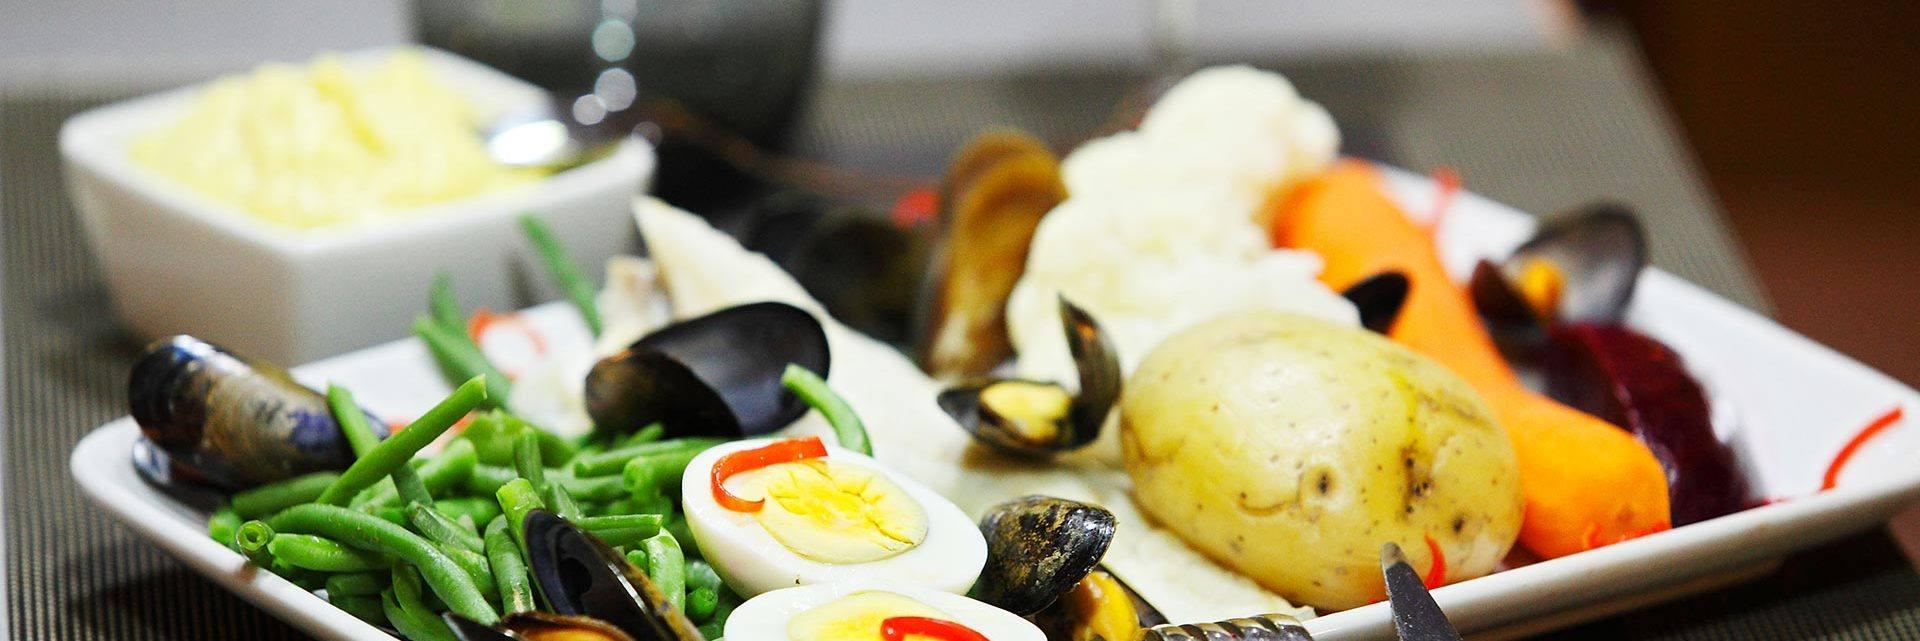 Aïoli - unmissable Provençal cuisine